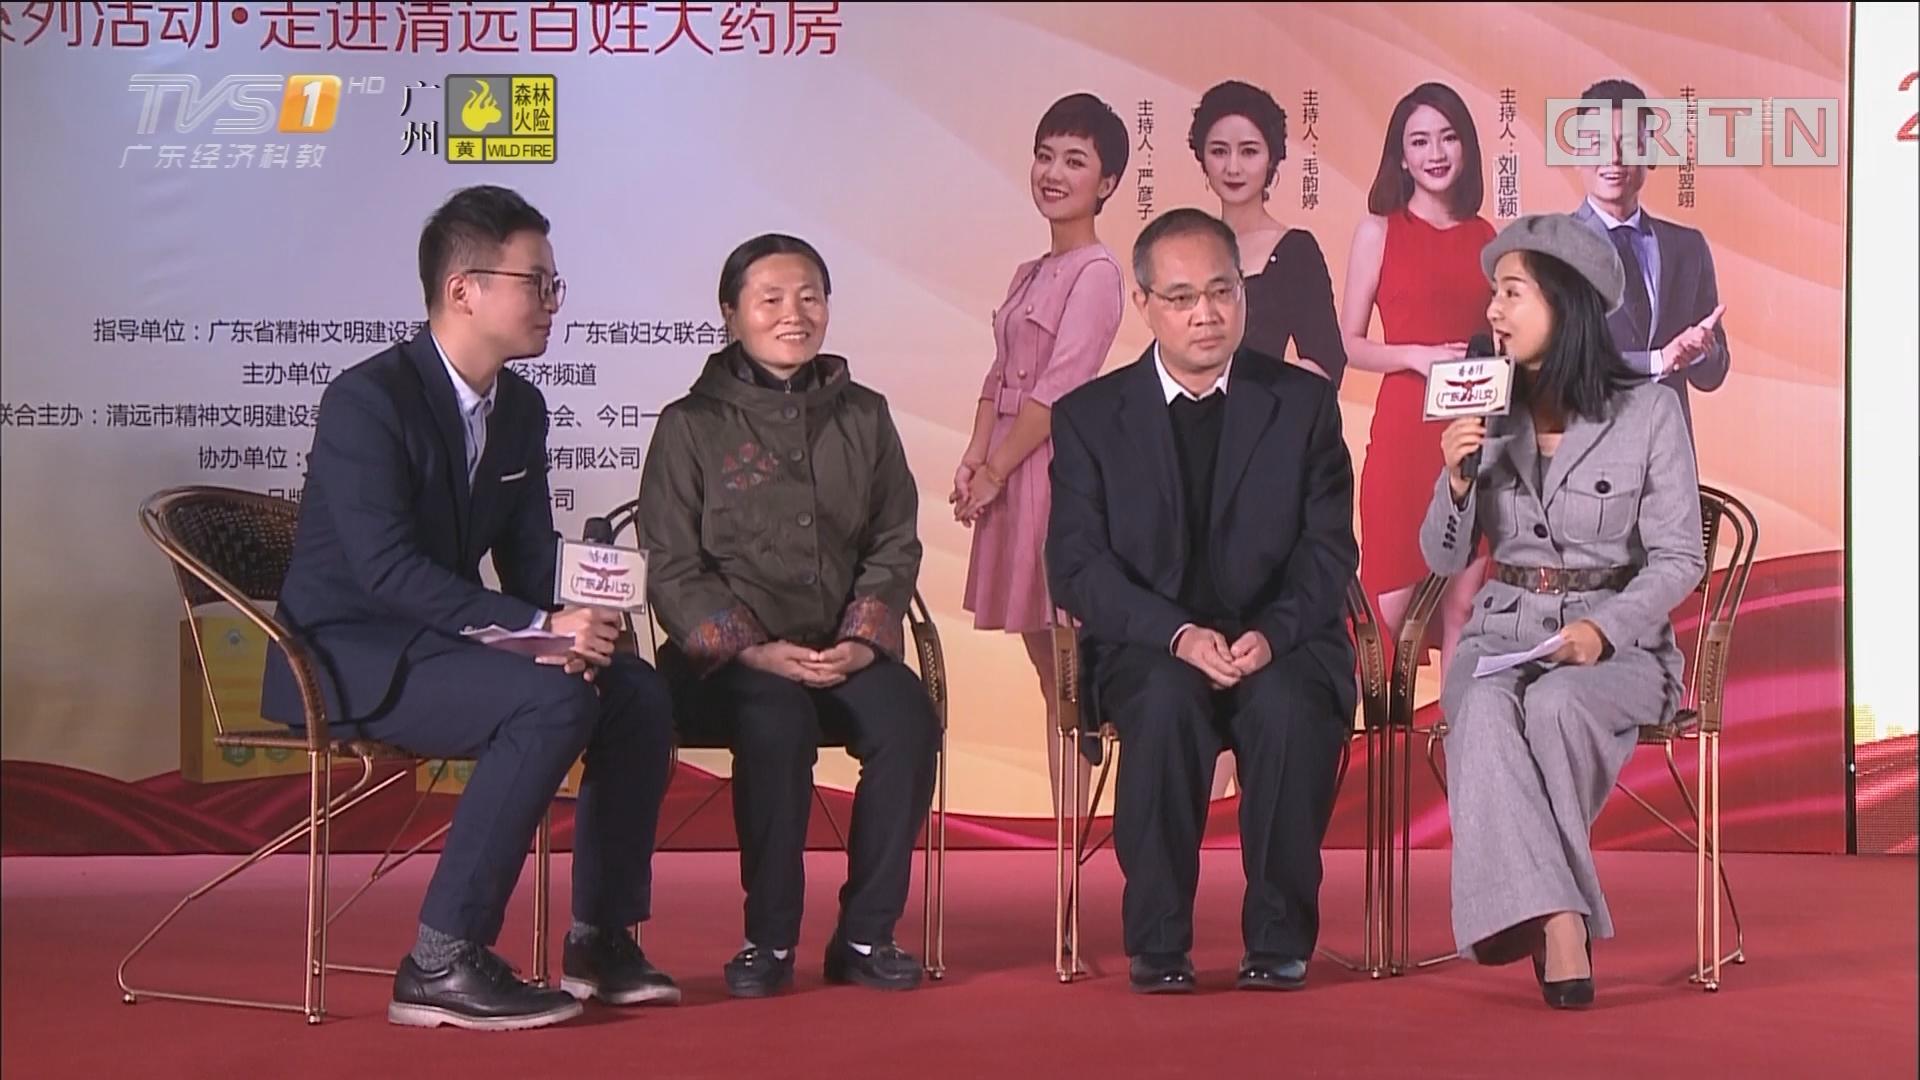 广东好儿女系列报道:寻找广东好儿女 最美家庭感动清远